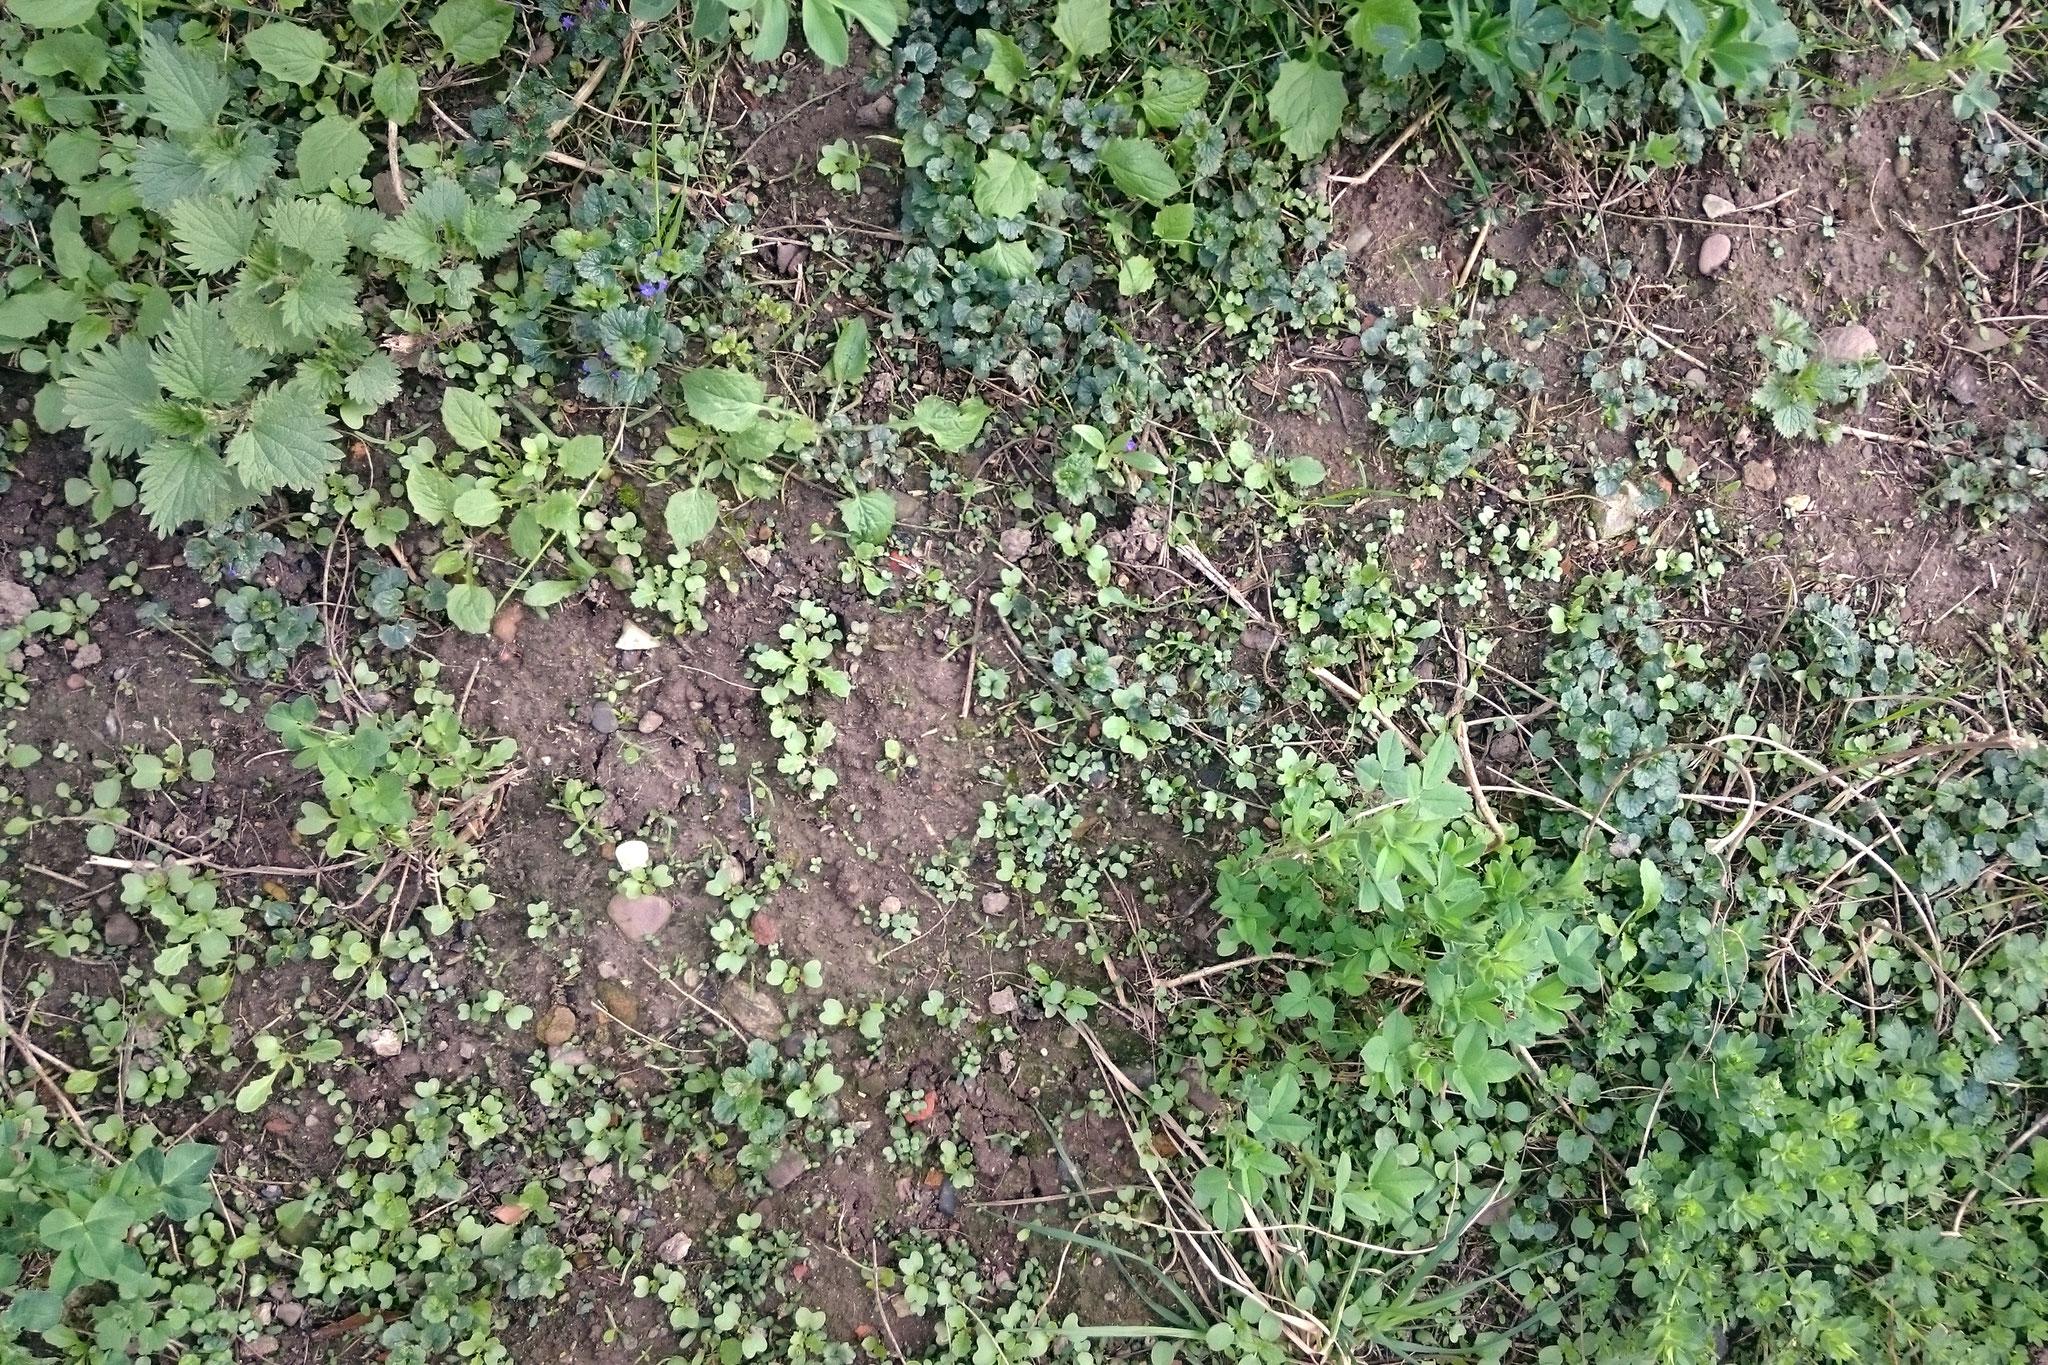 März 2019: der offene Boden lasst die Saaten des Vorjahres aufgehen - Foto: Britta Raabe